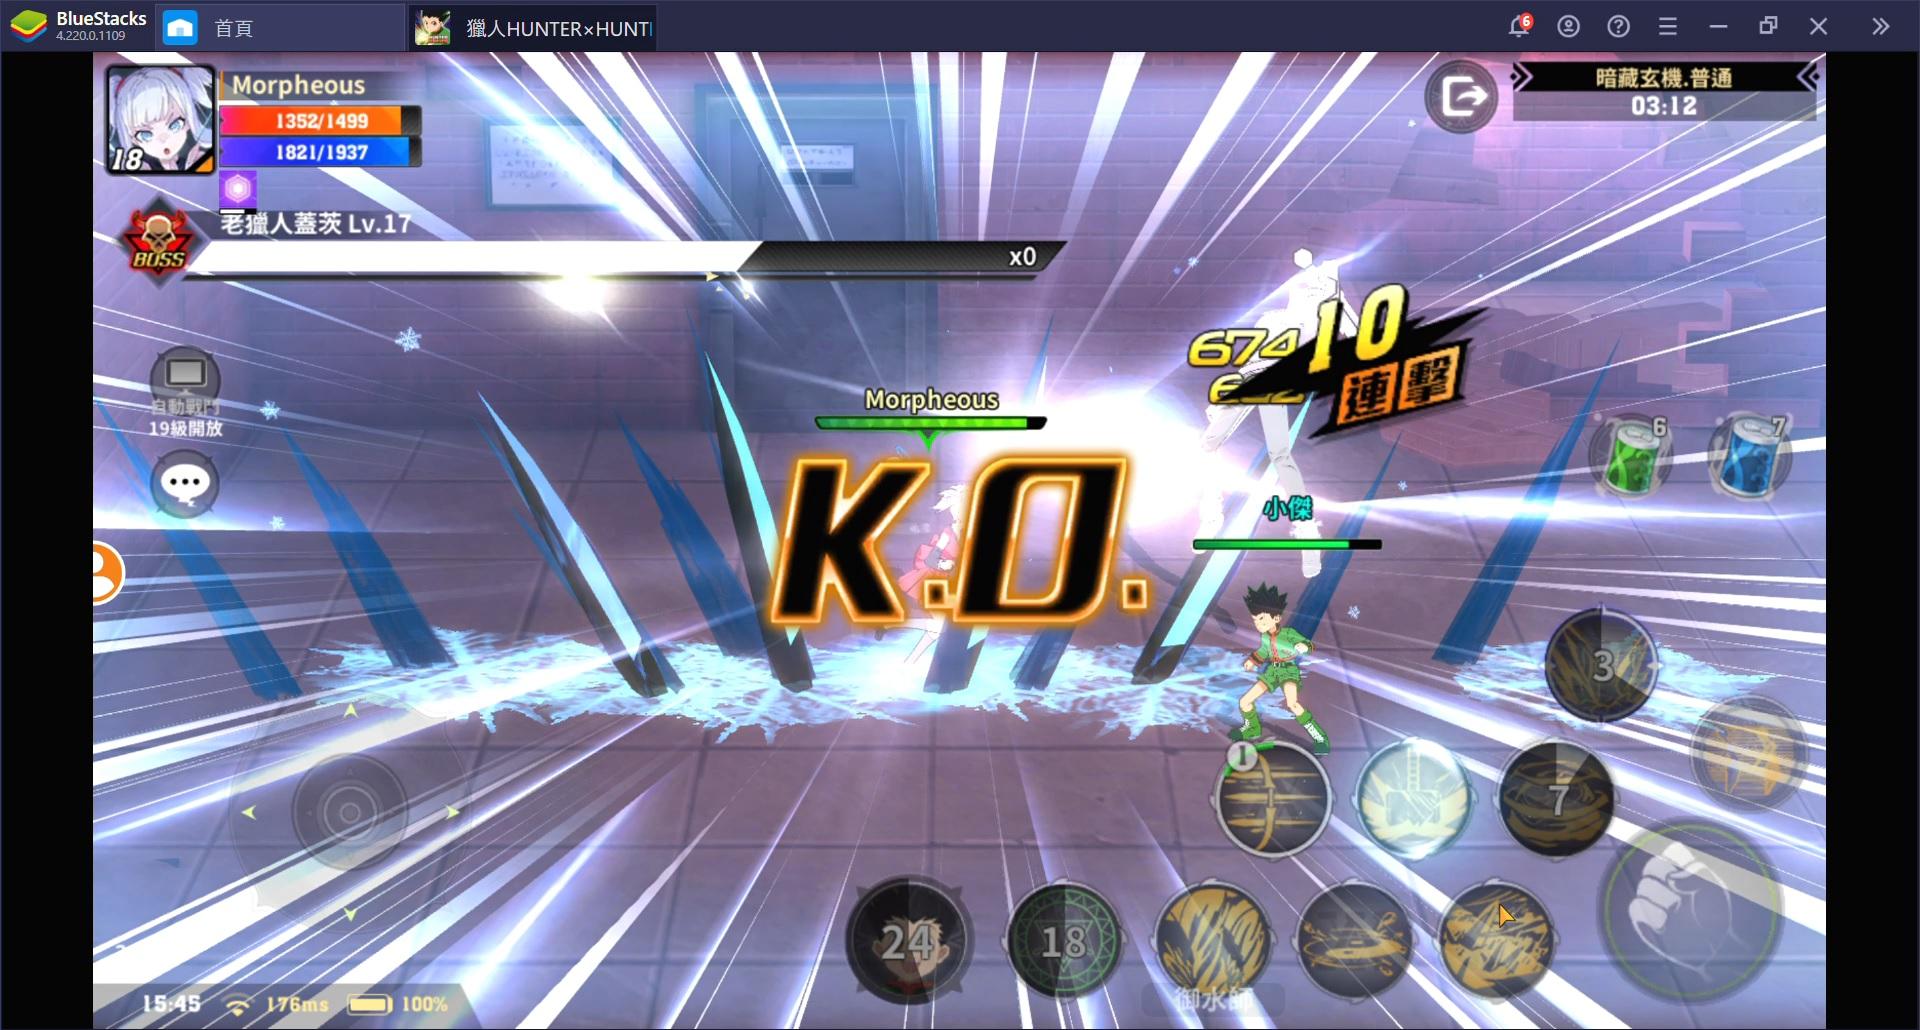 使用BlueStacks在PC上體驗正版授權ARPG手機遊戲《獵人 HUNTER x HUNTER》